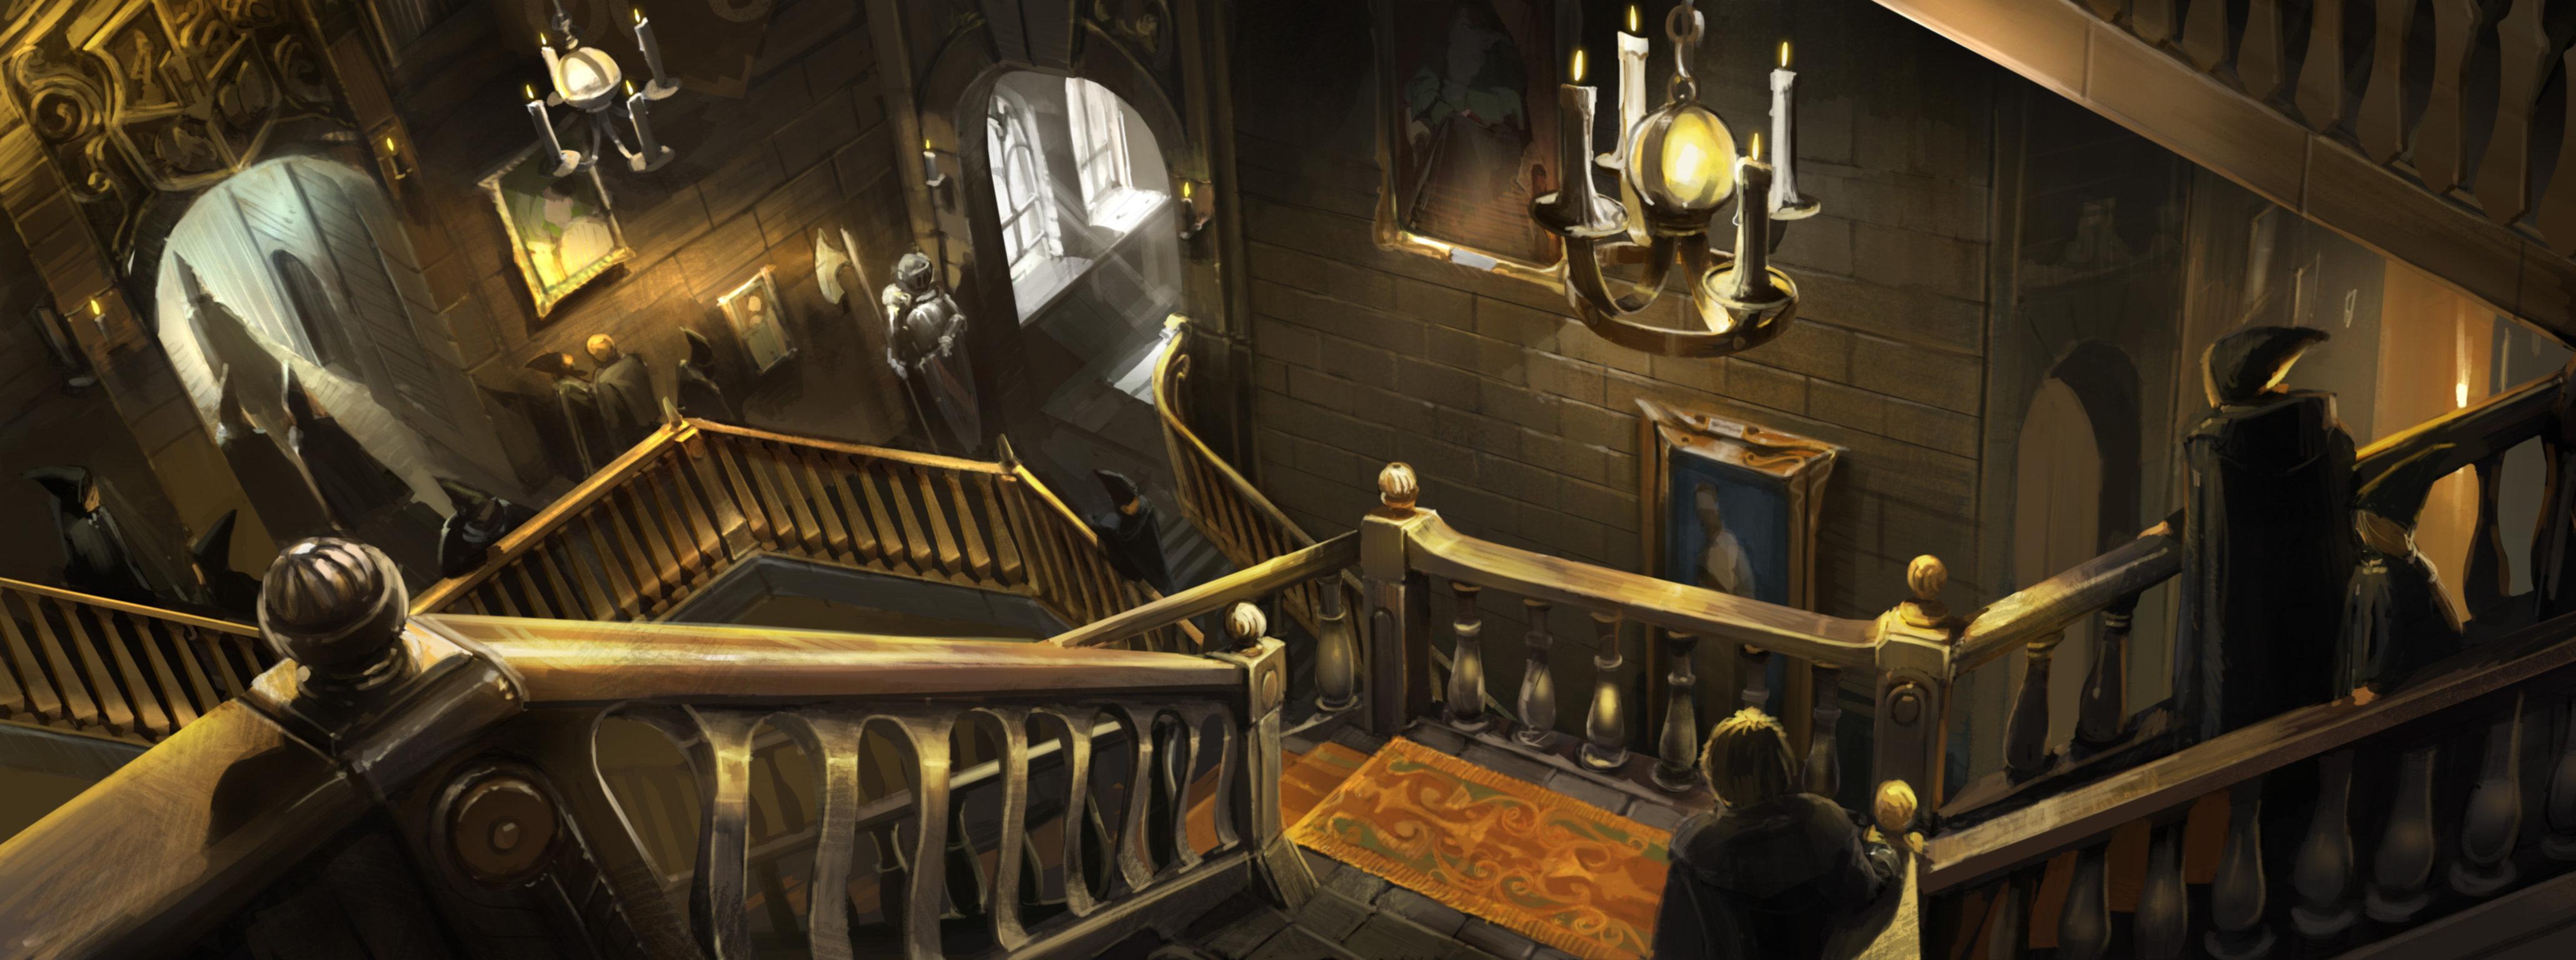 Более 40 иллюстраций к книге Гарри Поттер и философский камень для